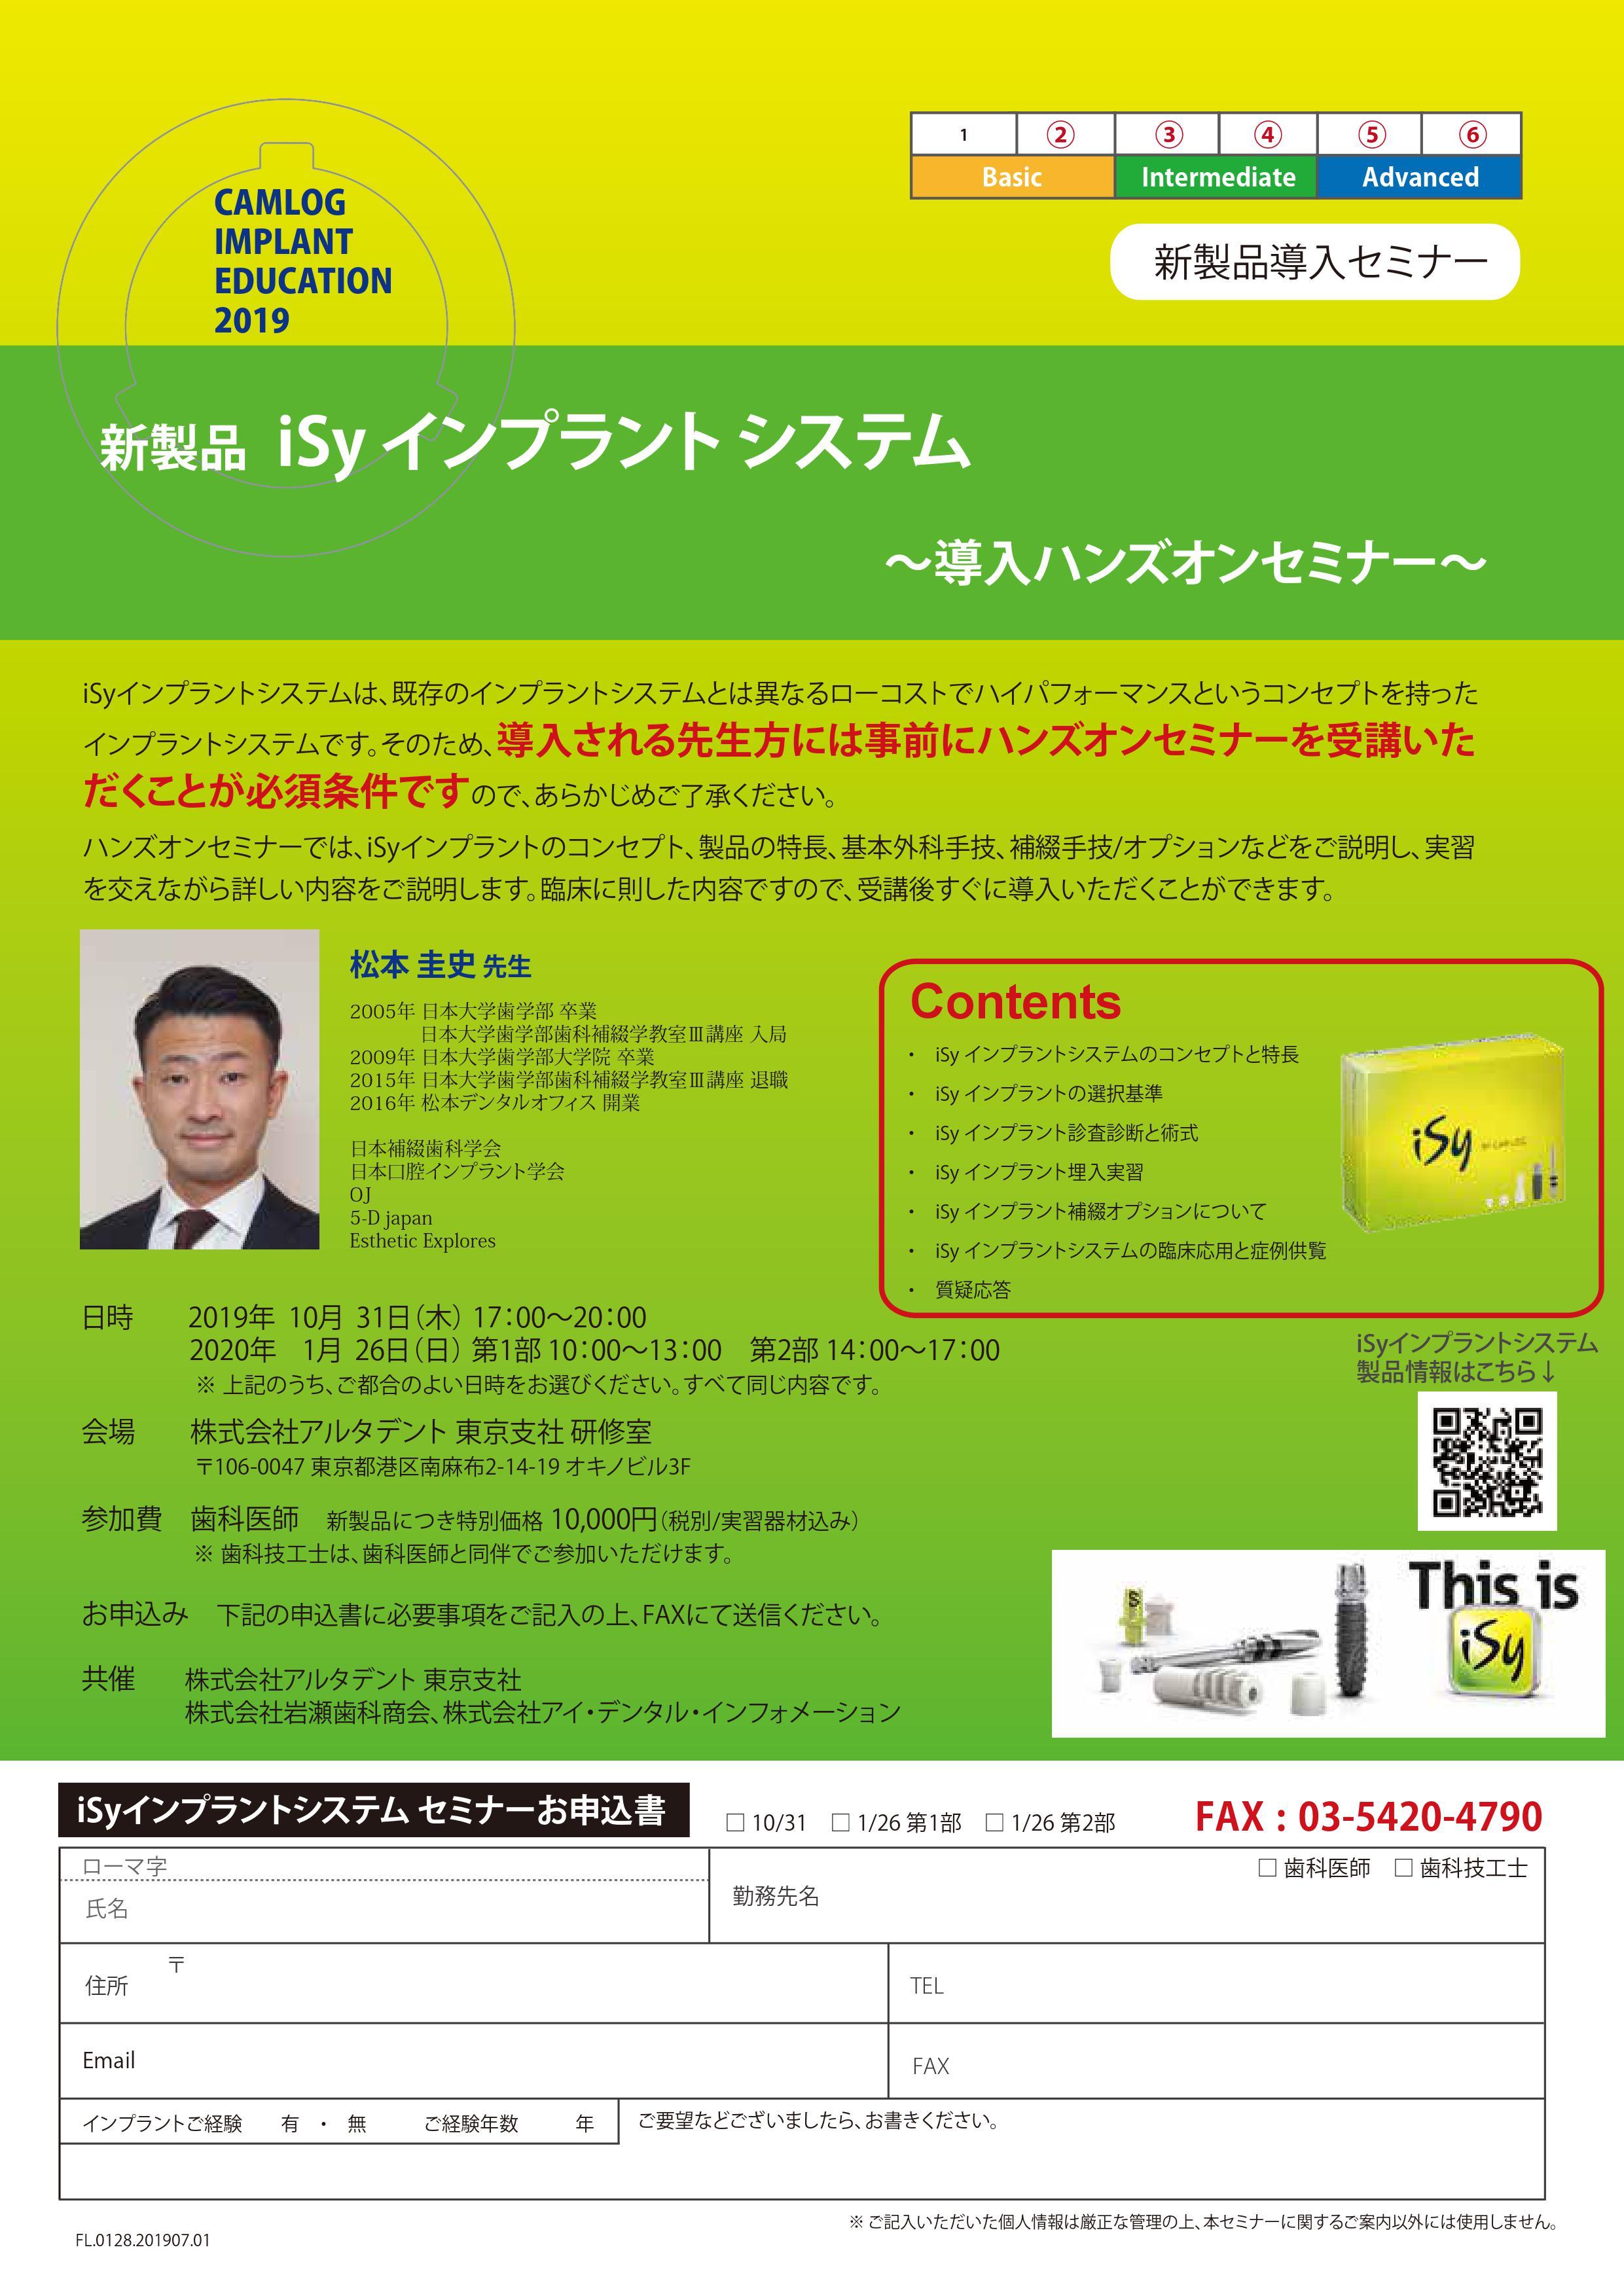 【満席】新製品 iSy インプラント システム  ~導入ハンズオンセミナー~ (実習あり)